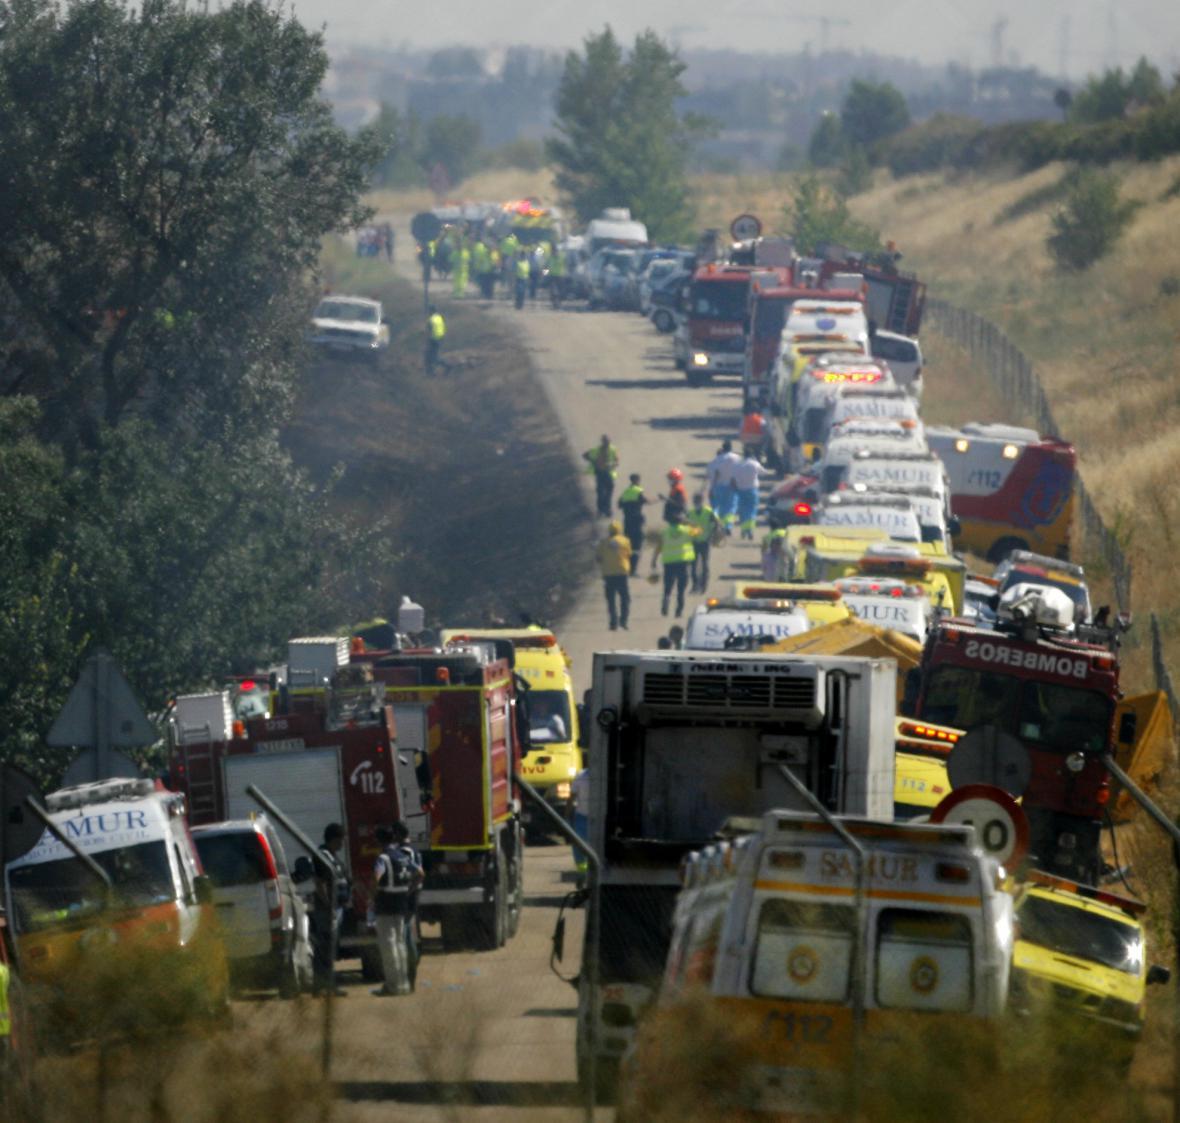 Záchranáři přijiždějí k něhodě letadla v Barajas